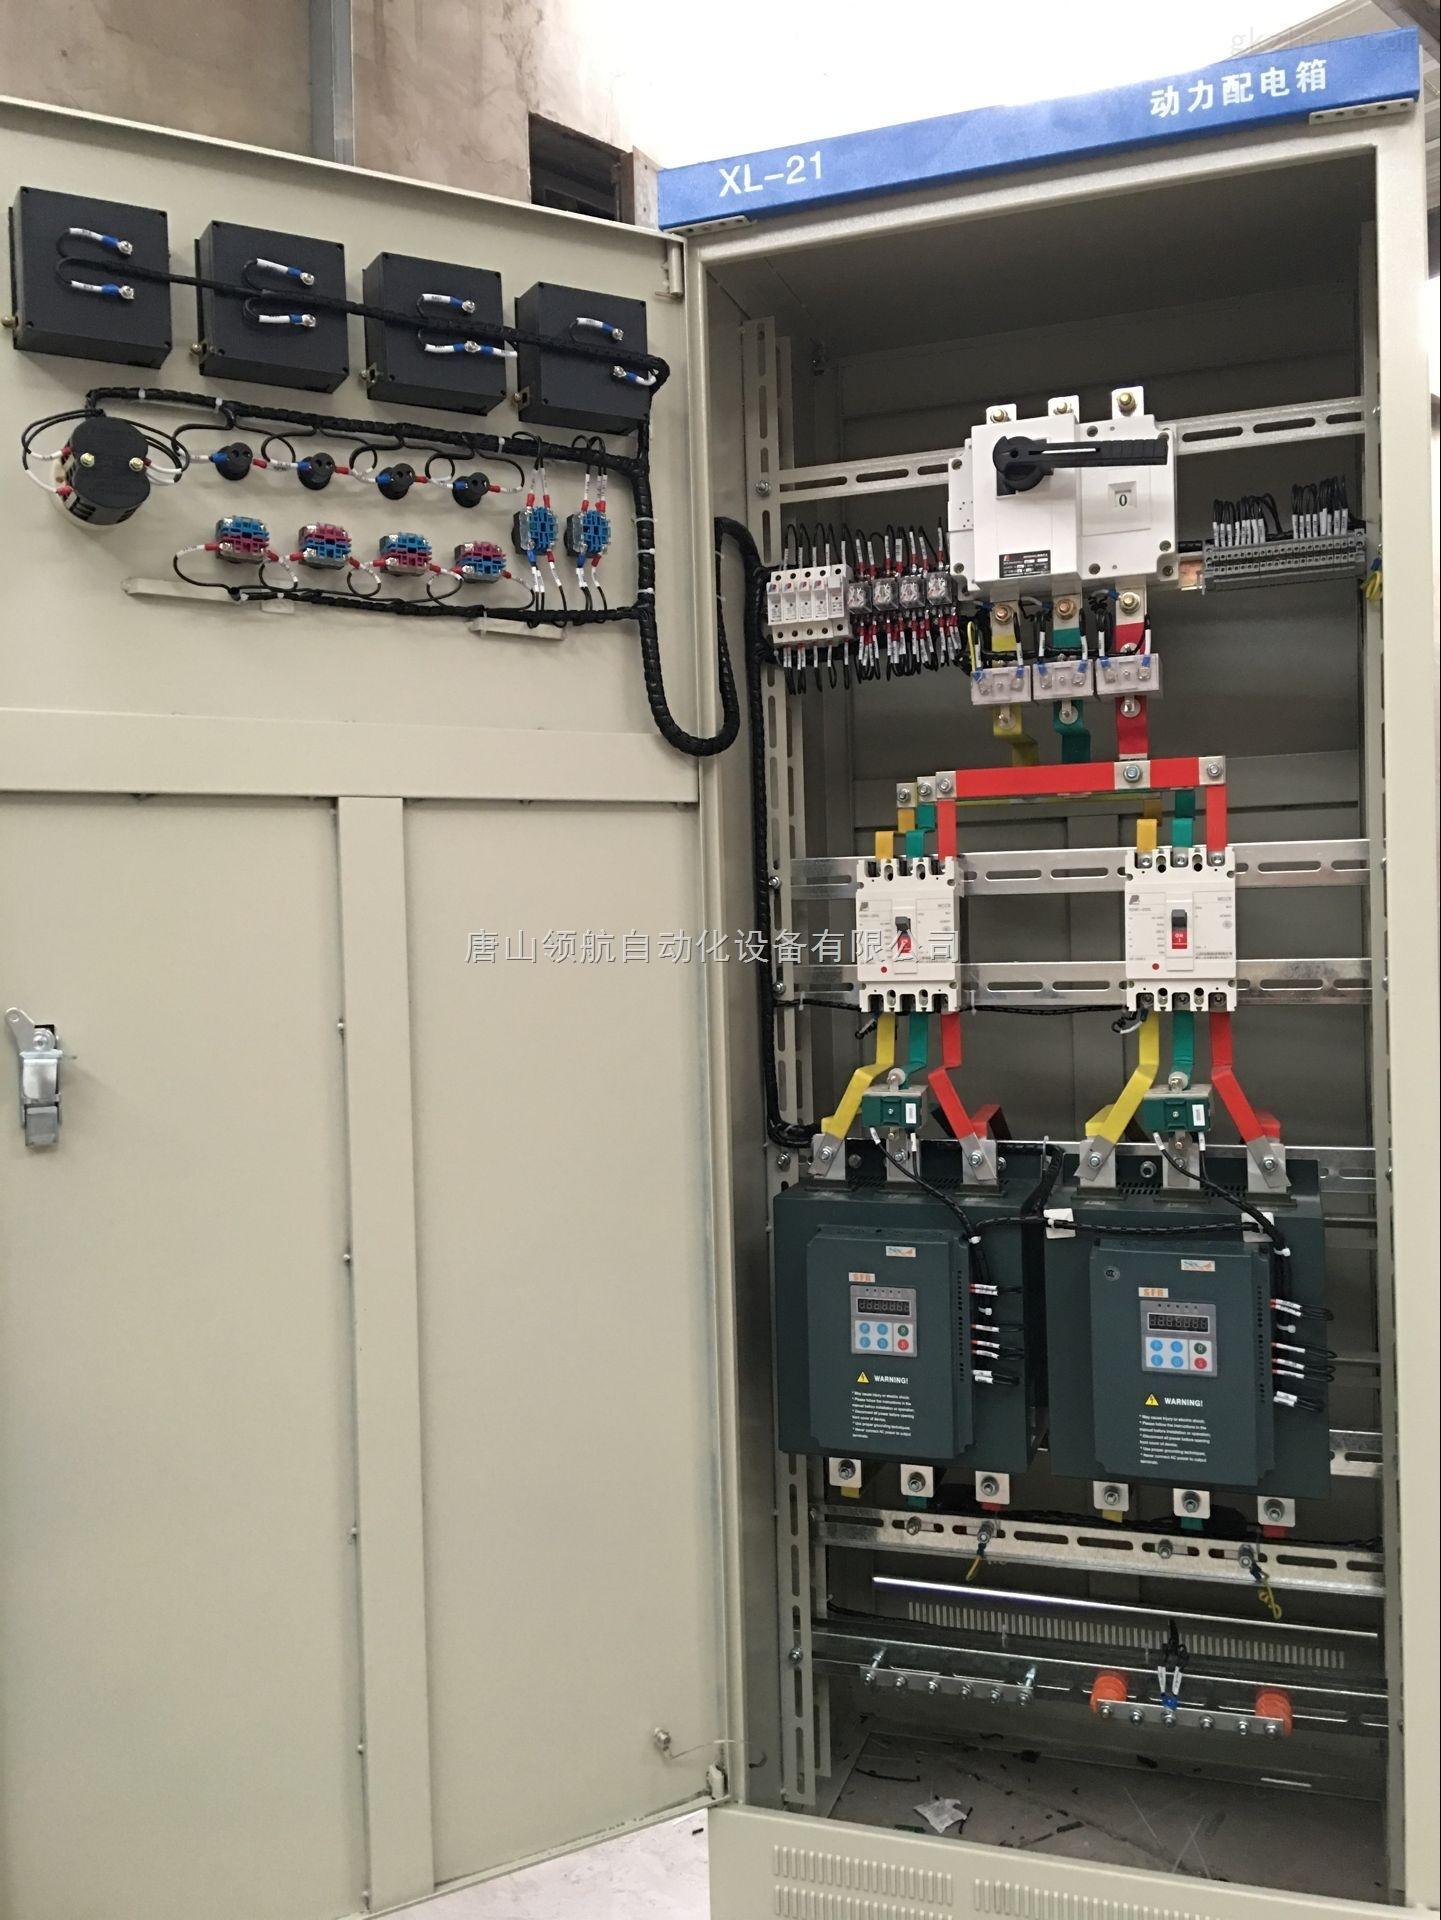 唐山高低压配电柜 秦皇岛控制柜 > lh唐山变频器控制柜